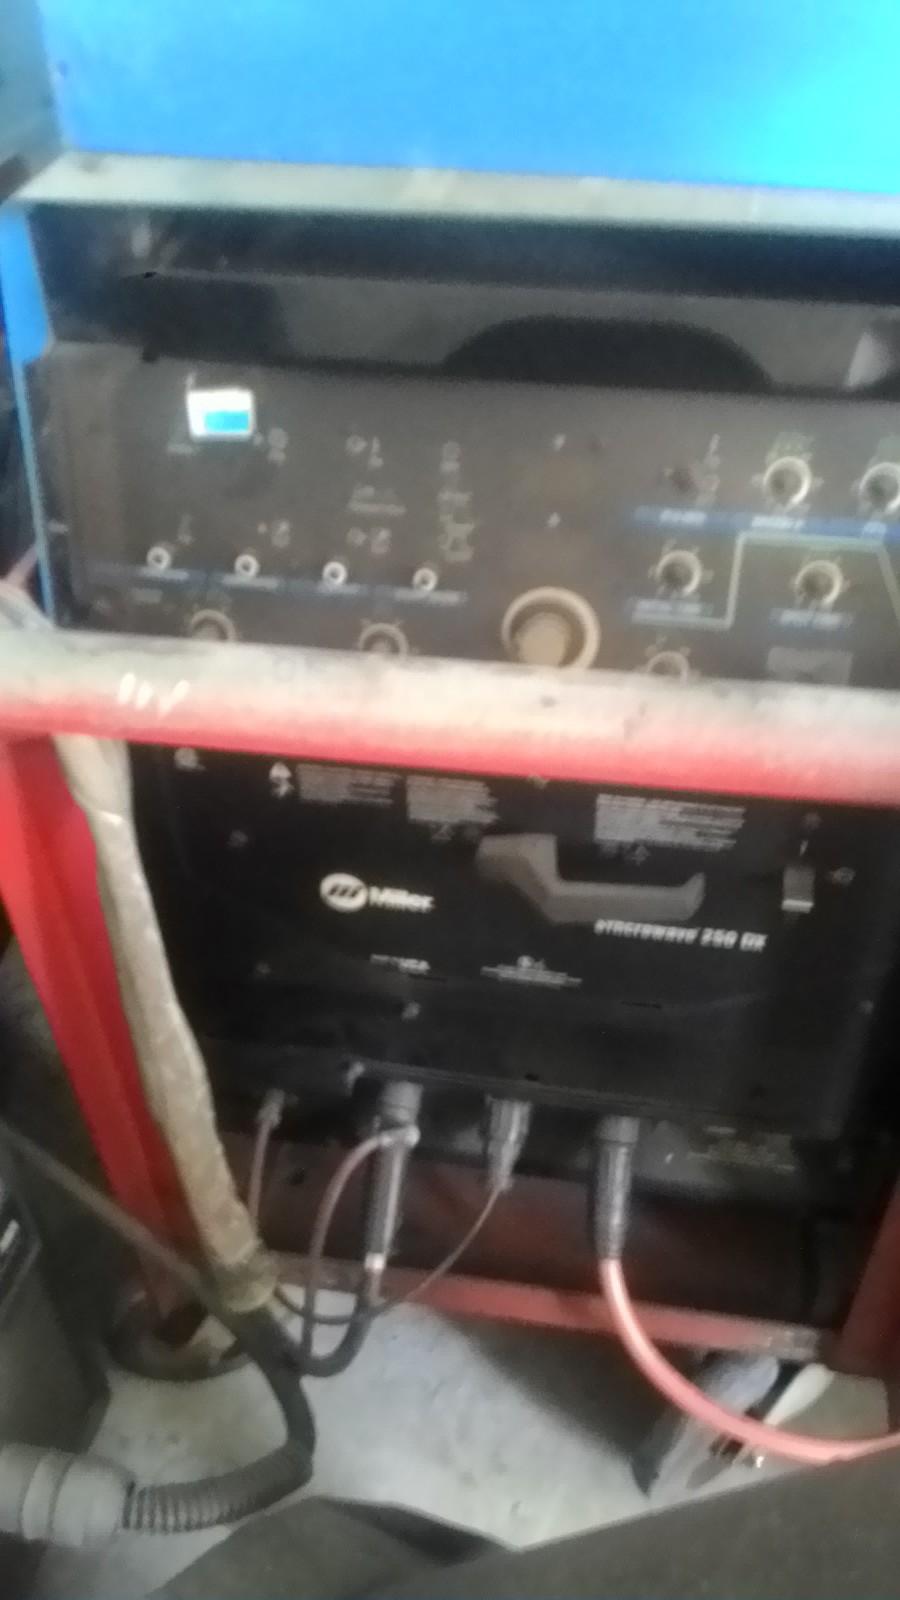 Bán máy phát công nghiệp,máy hàn,máy đo độ dầy ,siêu âm...